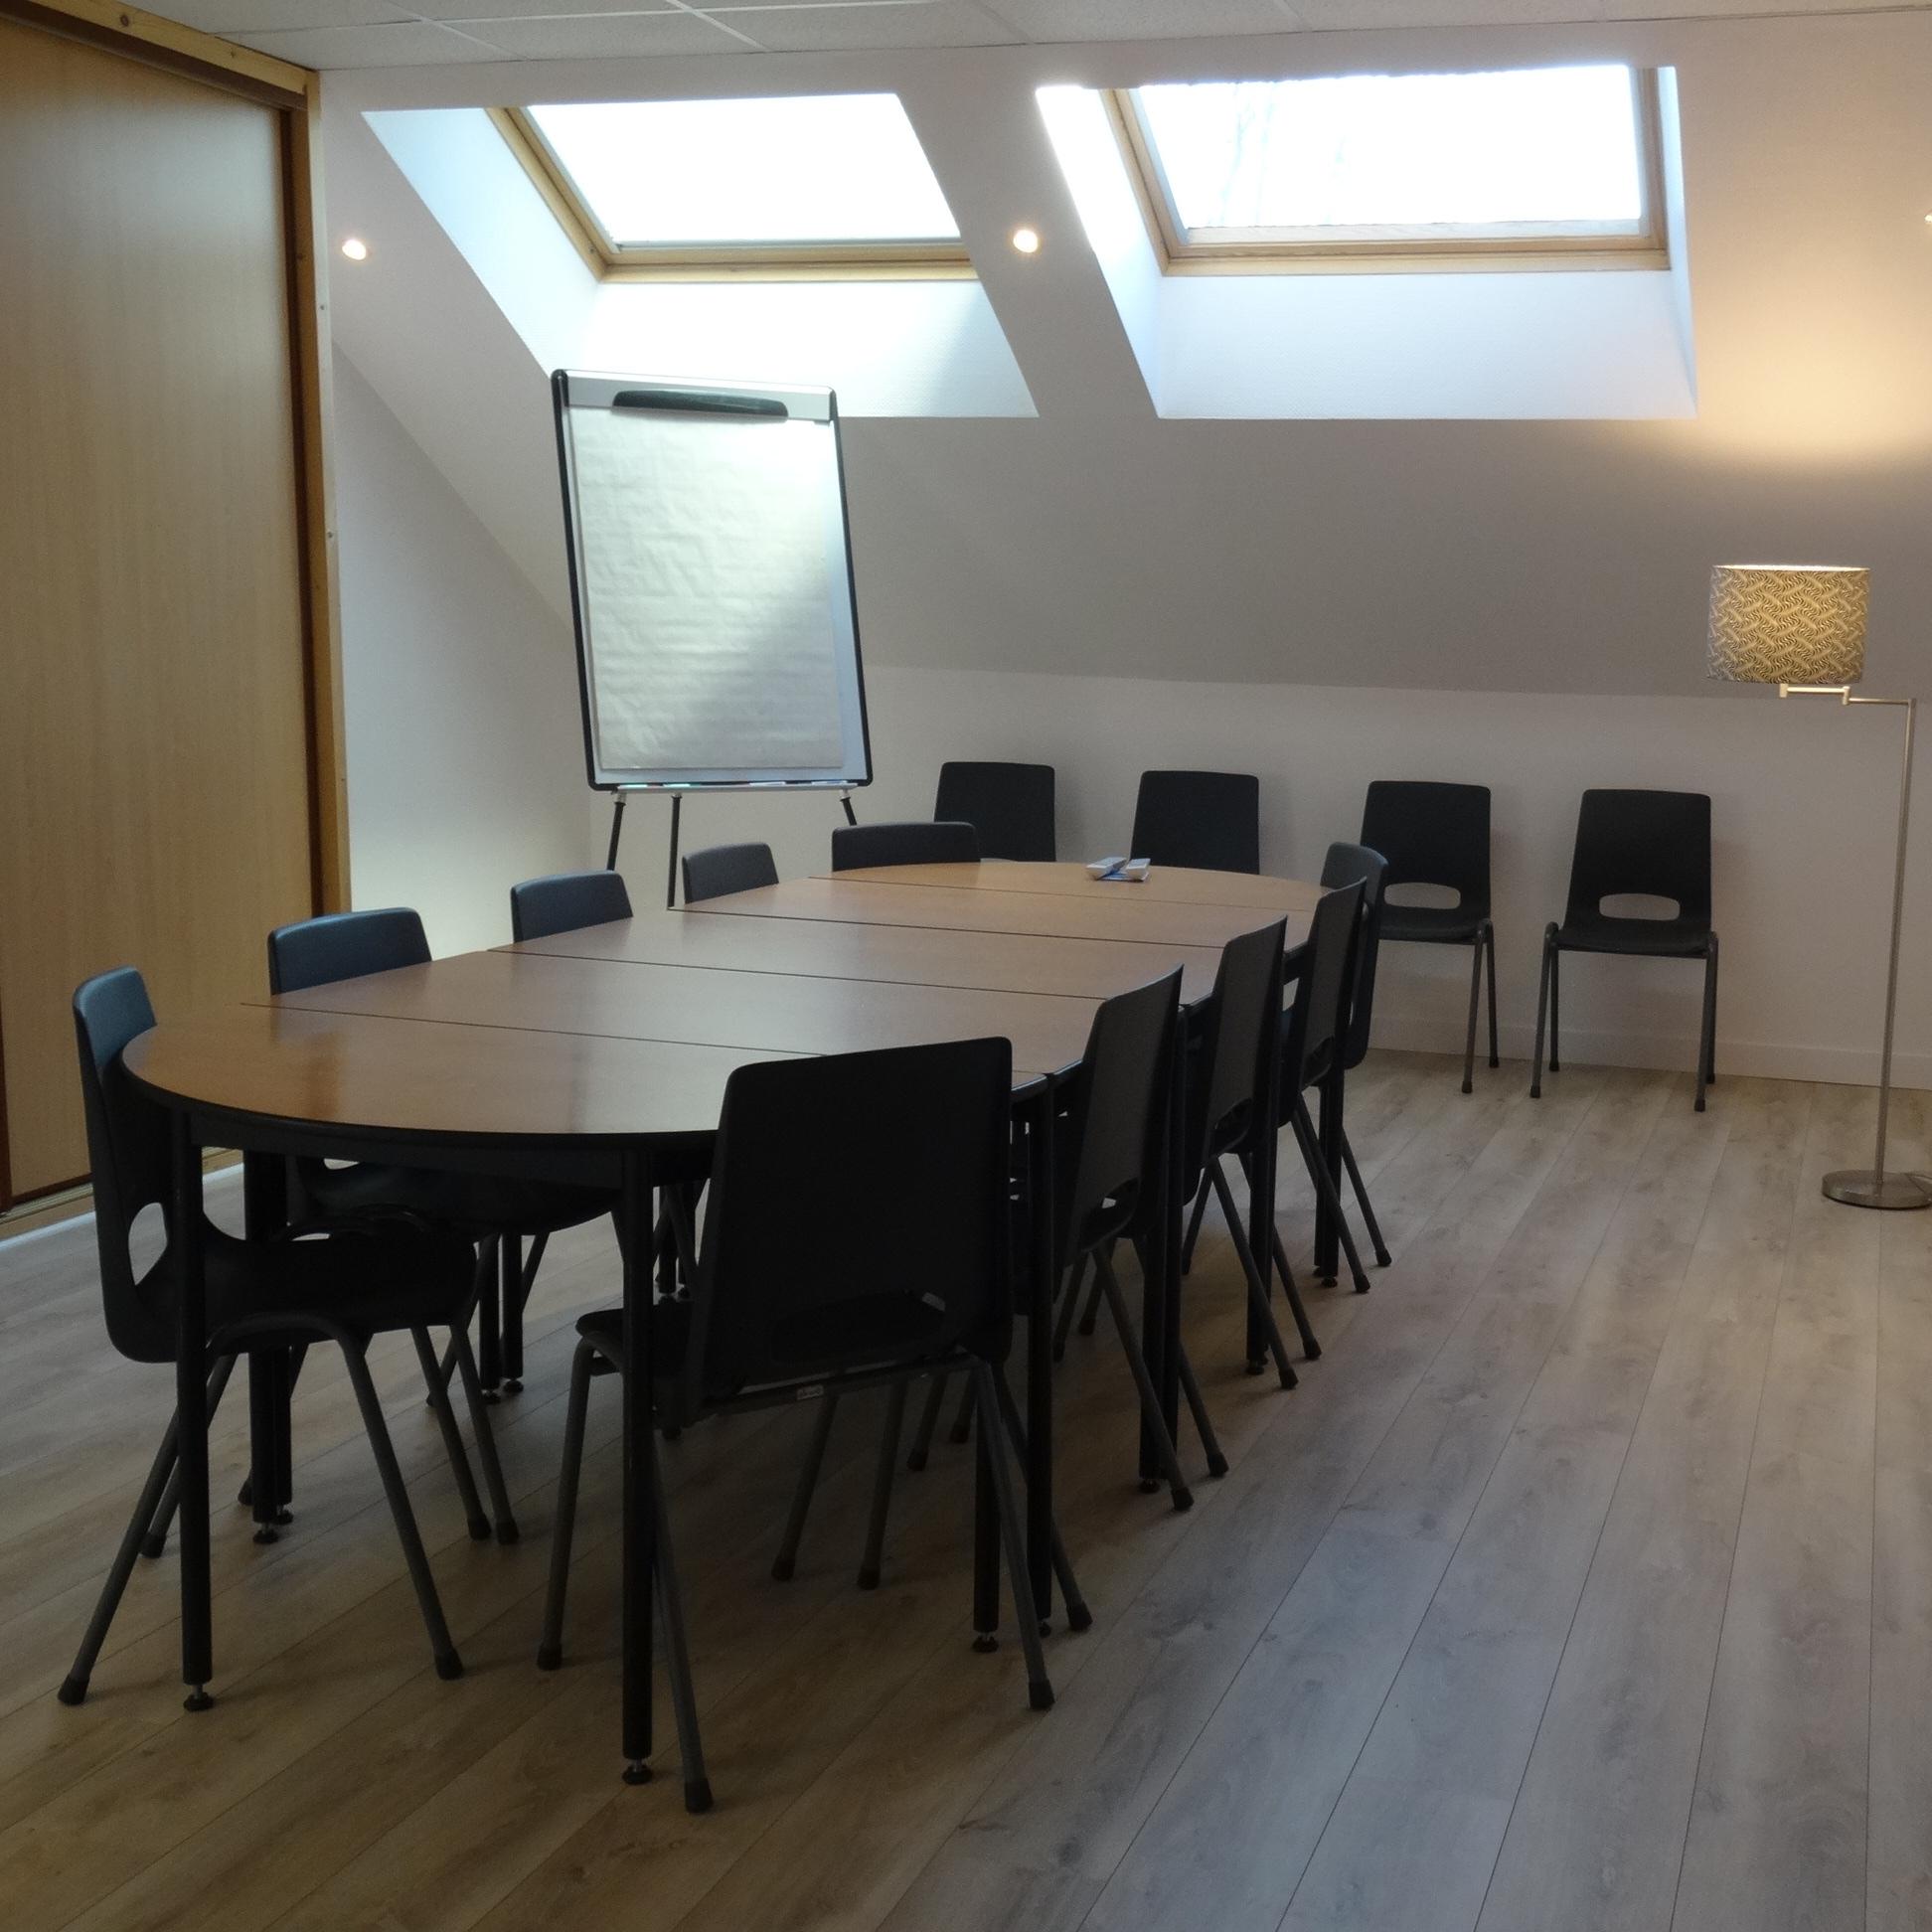 accueil de s minaires association gems53. Black Bedroom Furniture Sets. Home Design Ideas